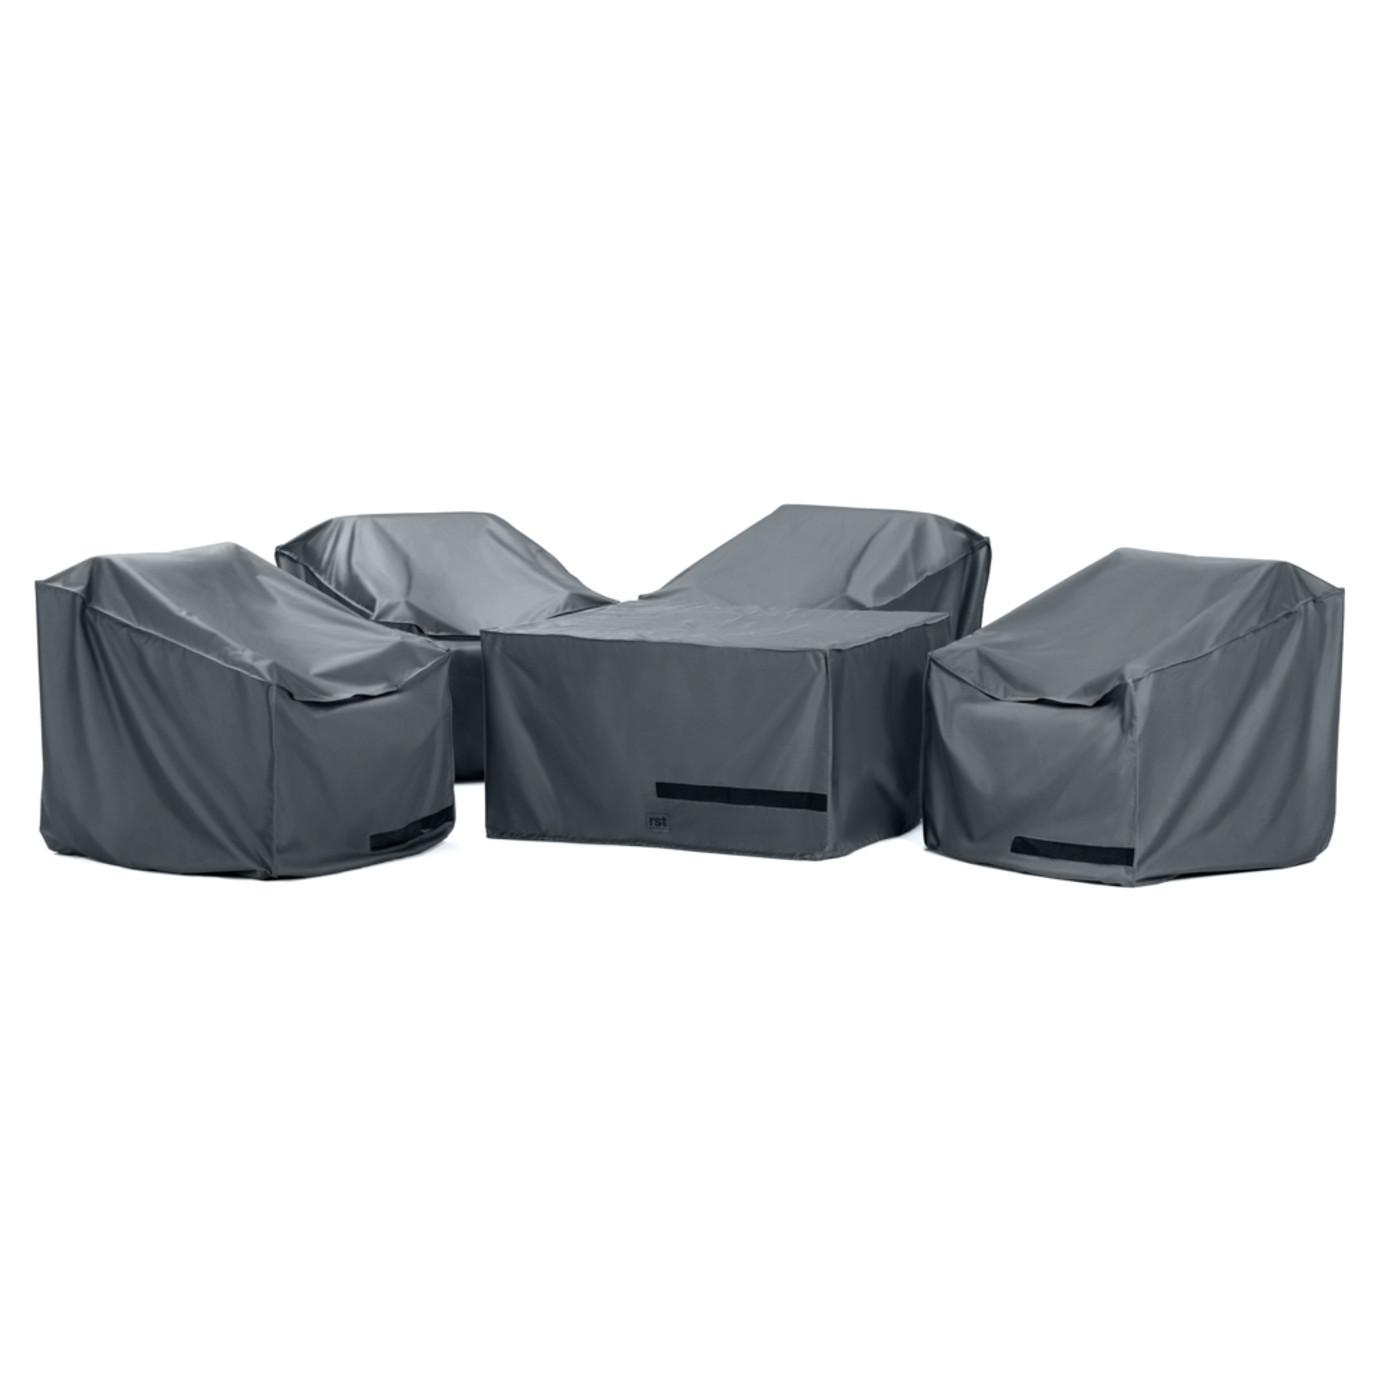 Portofino® Comfort 5 Piece Fire Chat Furniture Cover Set